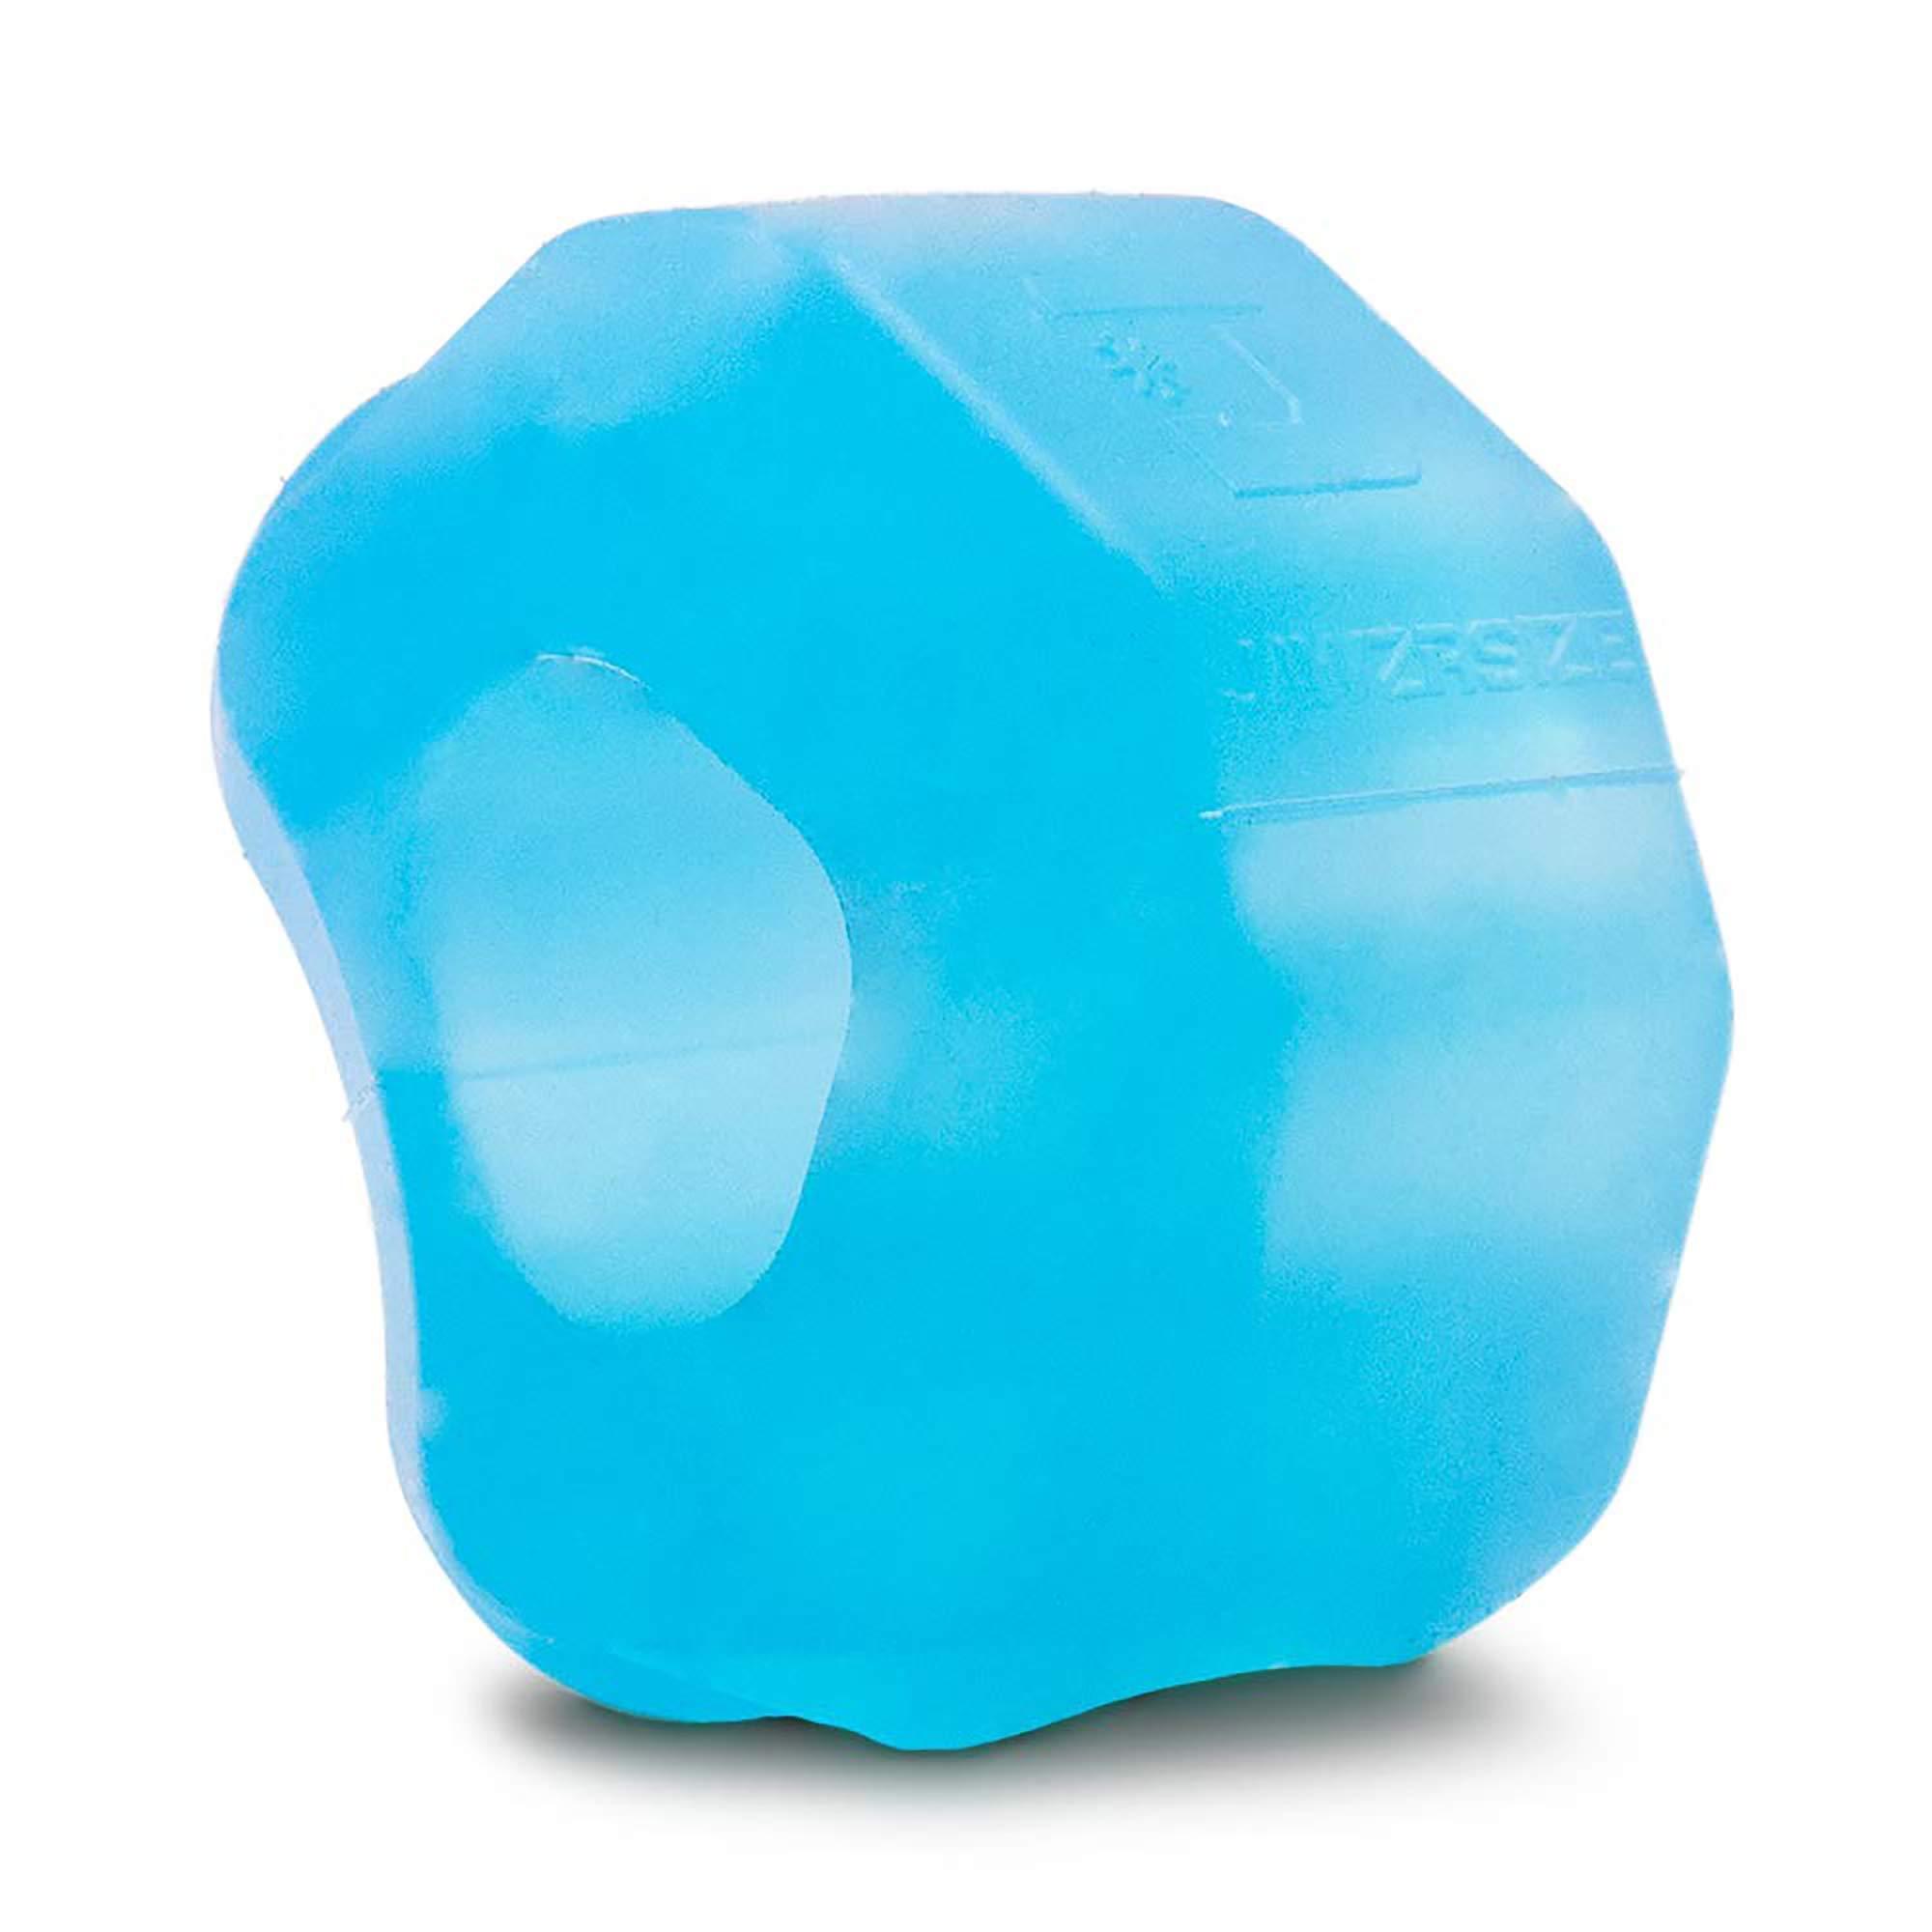 Jawzrsize Pop N Go Facial Toner, Jaw Exerciser And Neck Toning Equipment - Jawline Exerciser, Double Chin Reducer, Face Slimmer and Neck Toning Face Workout (Beginner, Blue)